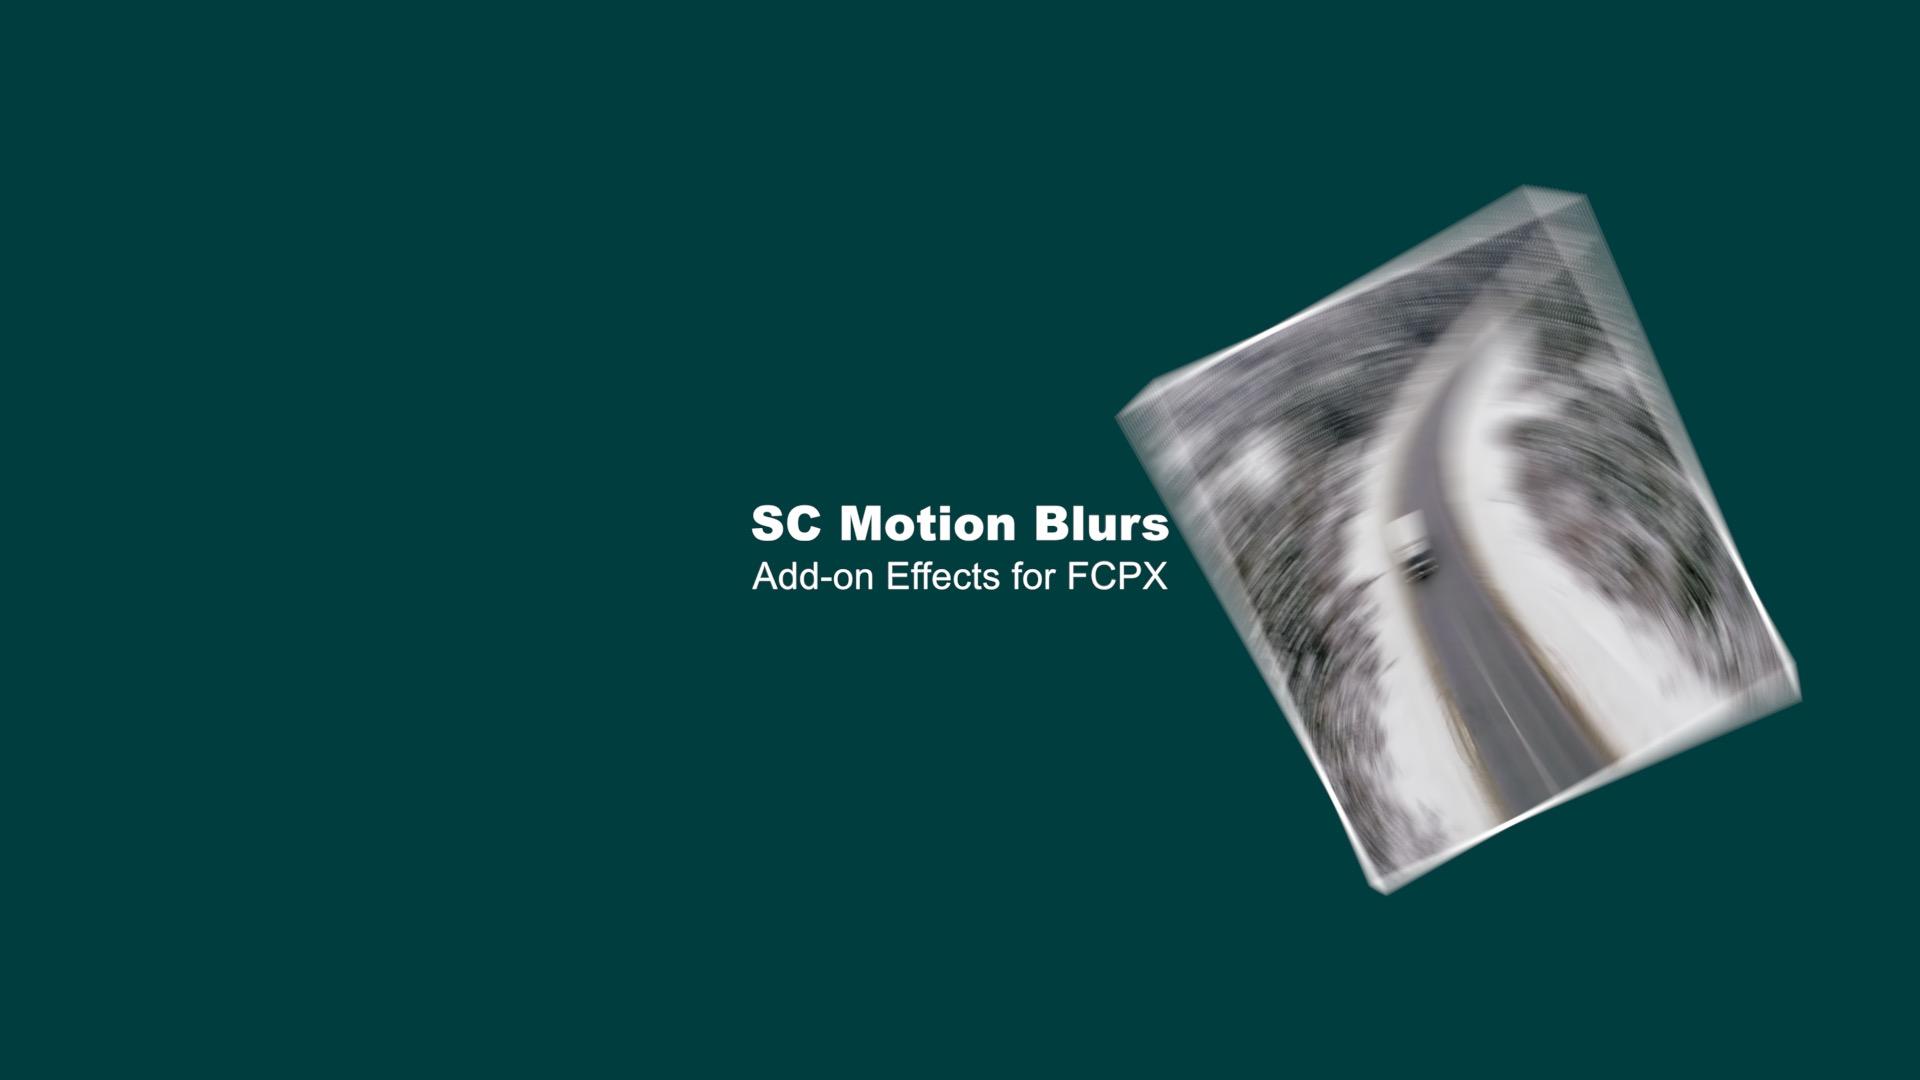 SC Motion Blurs